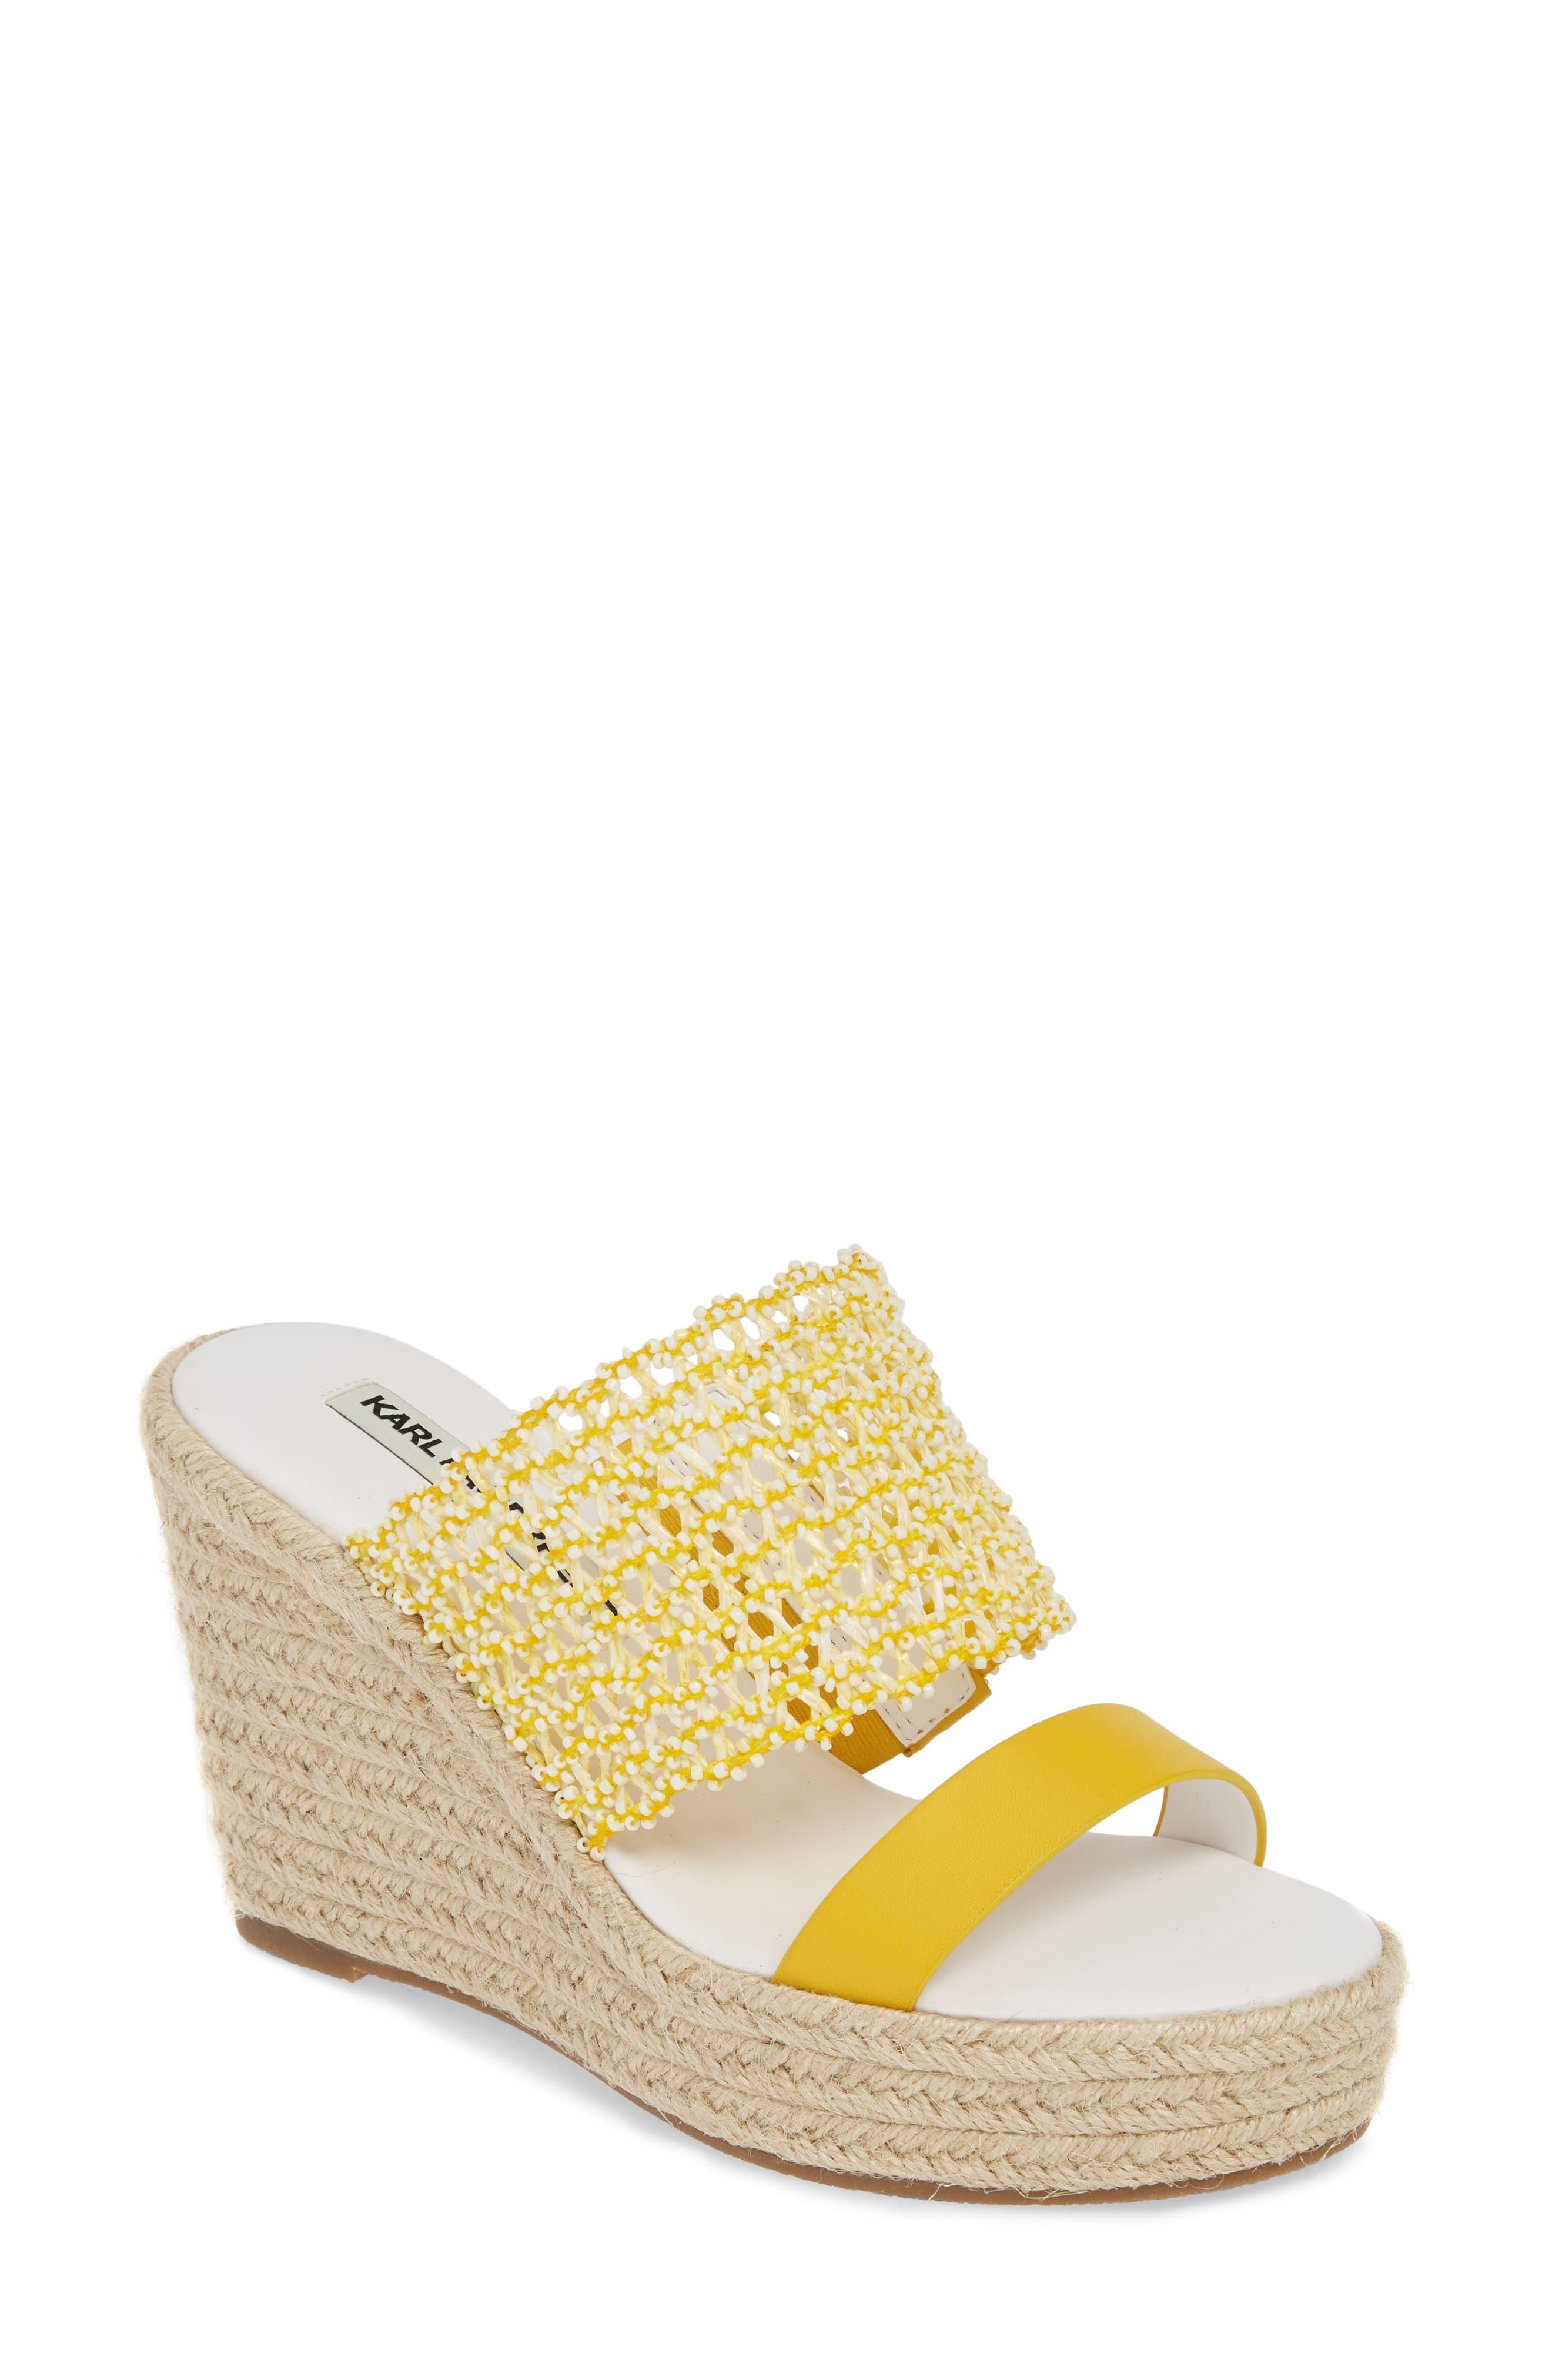 Karl Lagerfeld Paris Celie Espadrille Wedge Slide Sandal, Yellow